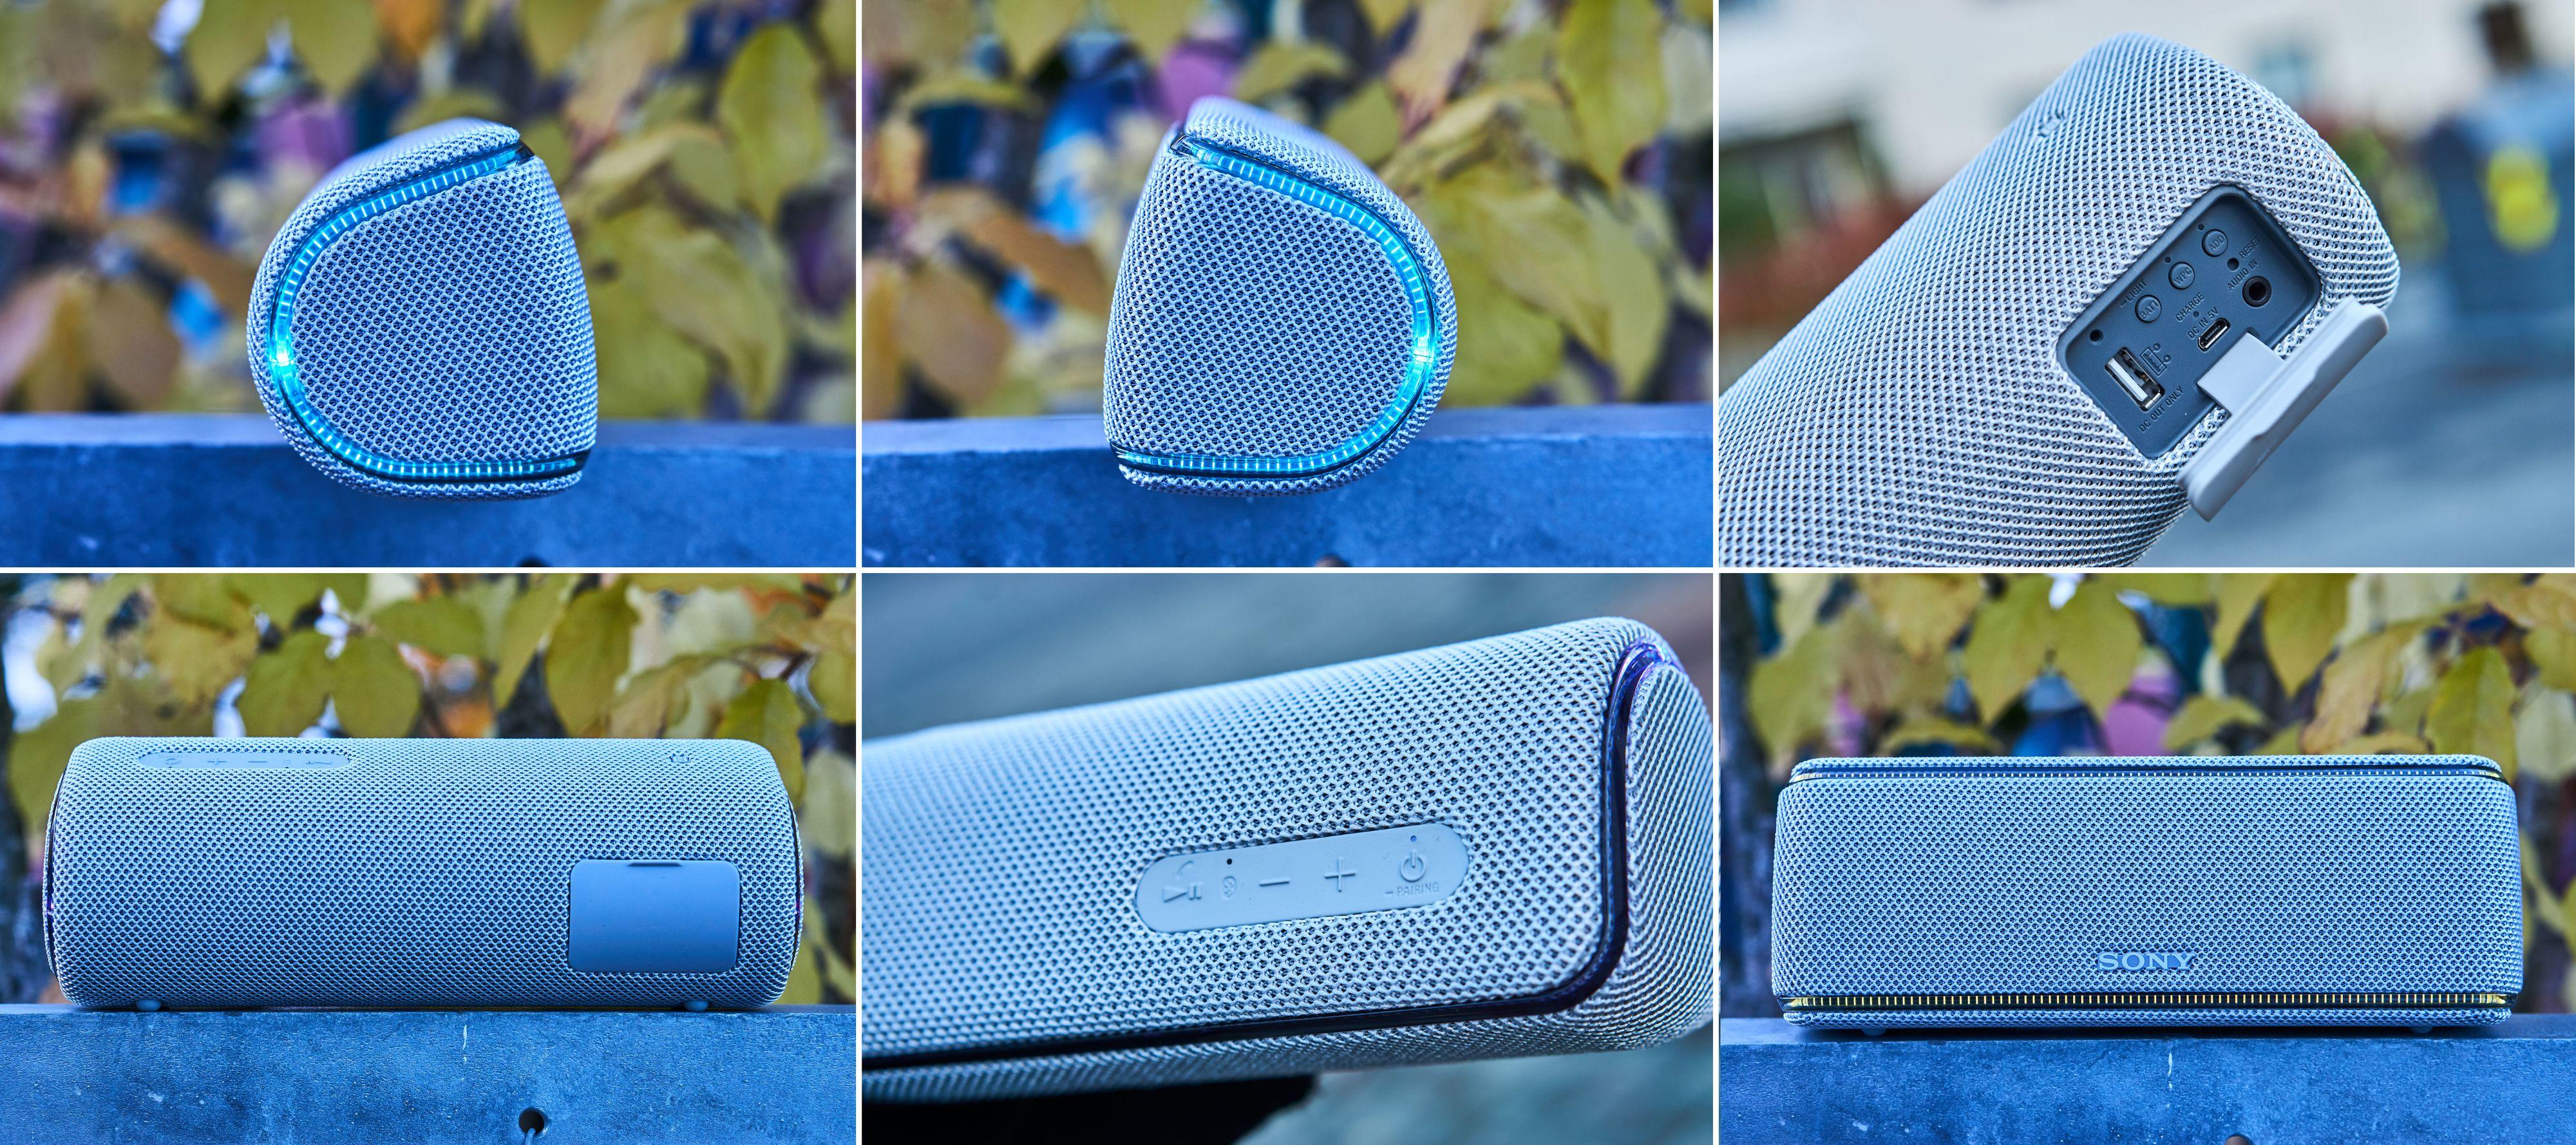 XB31 er kompakt og lekker i hvit utforming. Materialbruken gir langt mer premium-følelse enn i fjor.